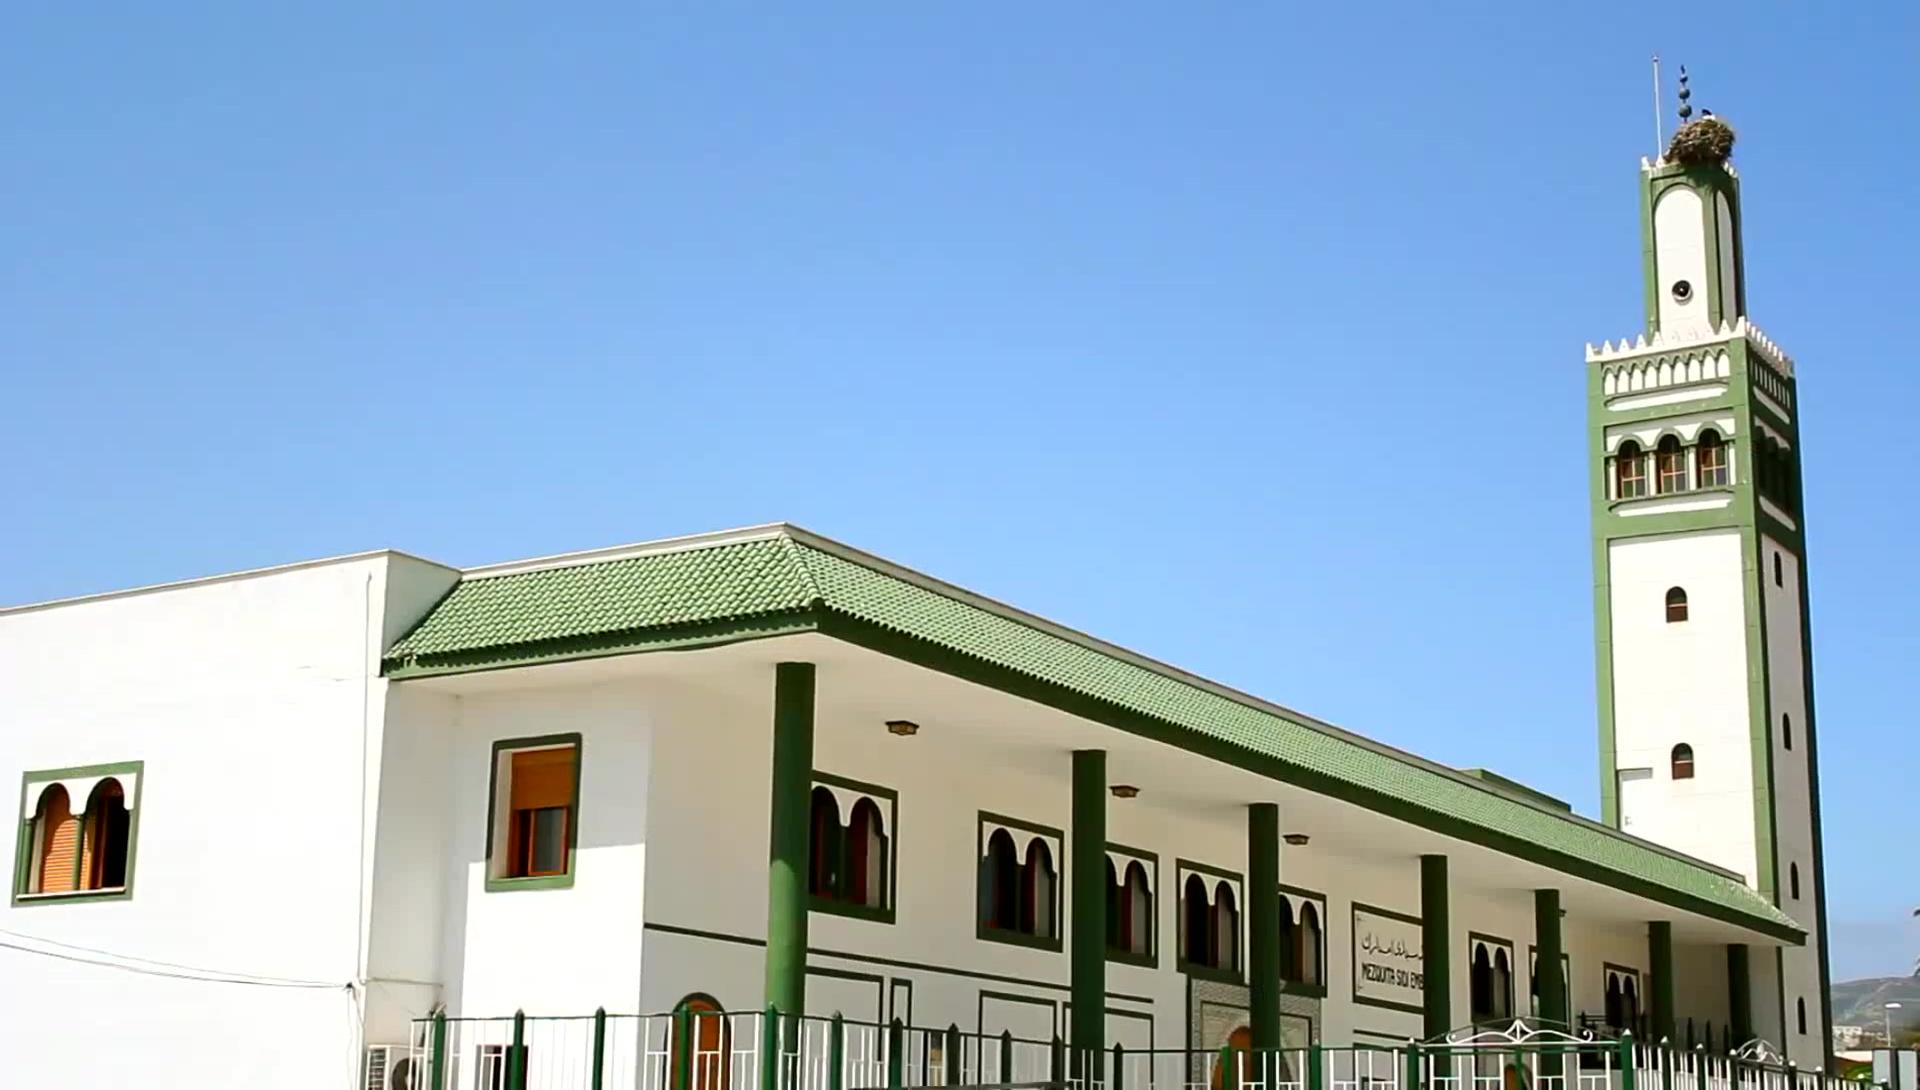 Espagne : une mosquée de Ceuta visée par des coups de feu